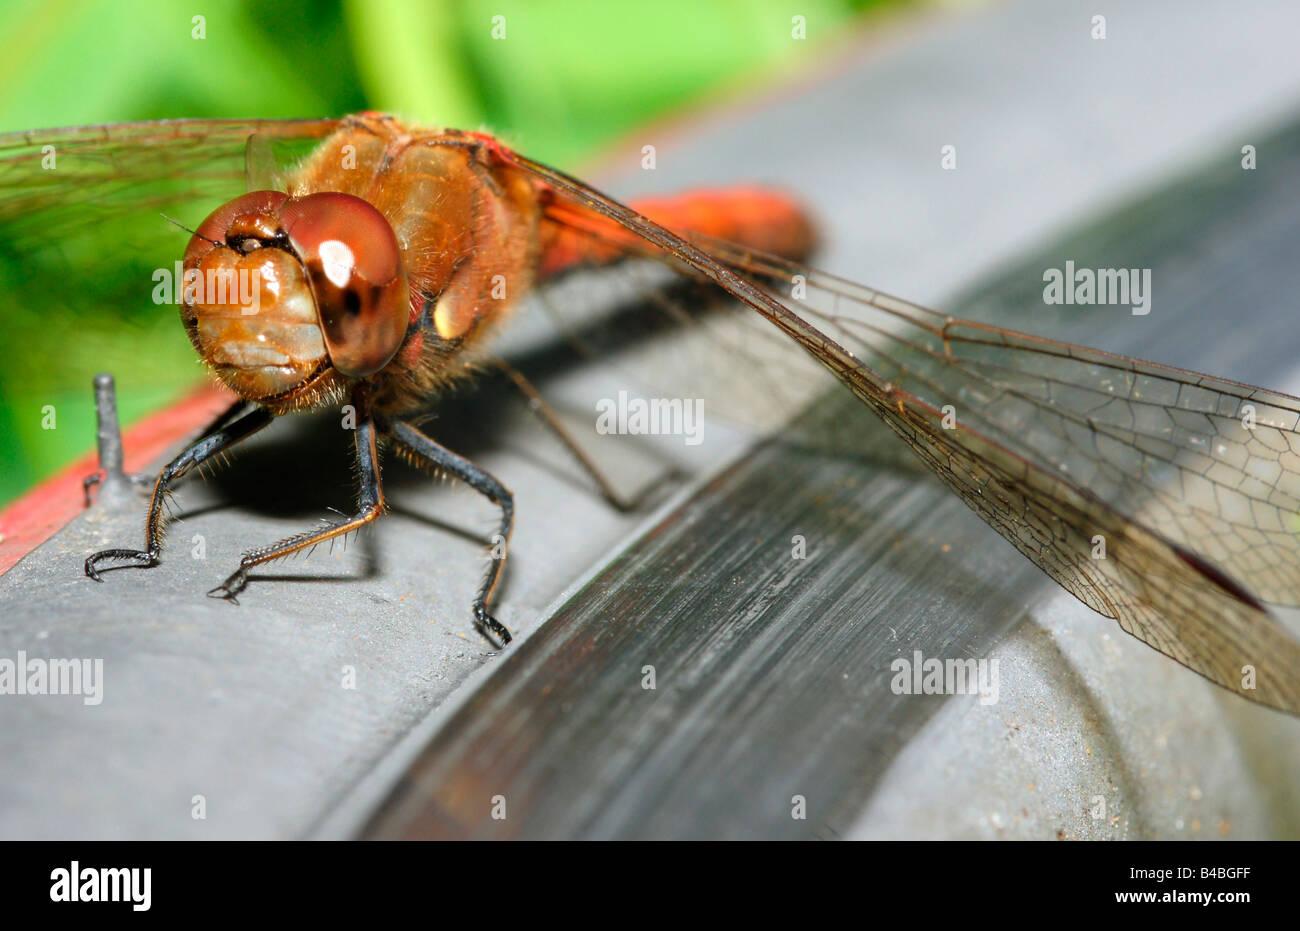 Facet libellule yeux composite corps entier tête avant close up detail insectes ailes assis Photo Stock